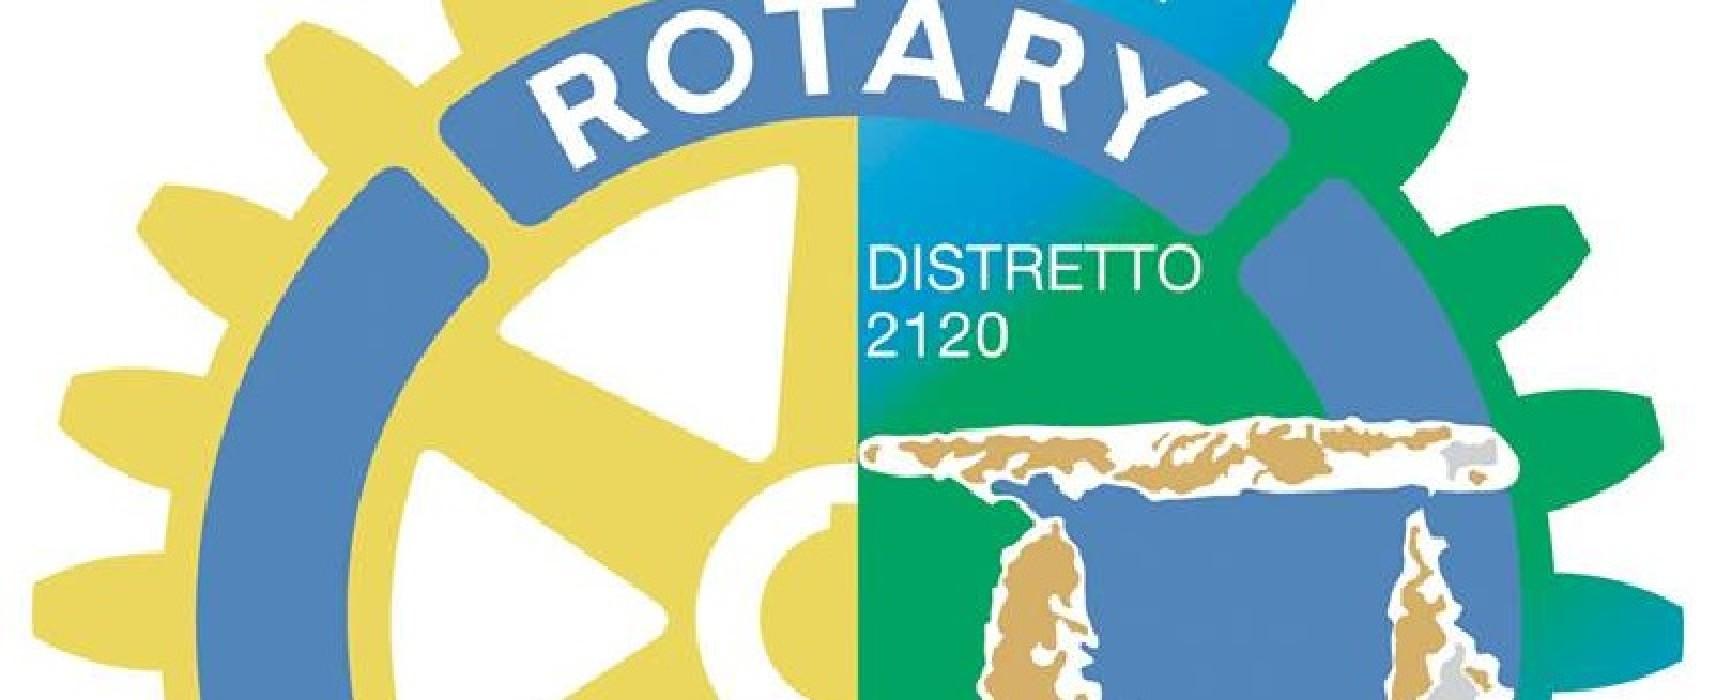 Gli appuntamenti con la salute organizzati dal Rotary Club